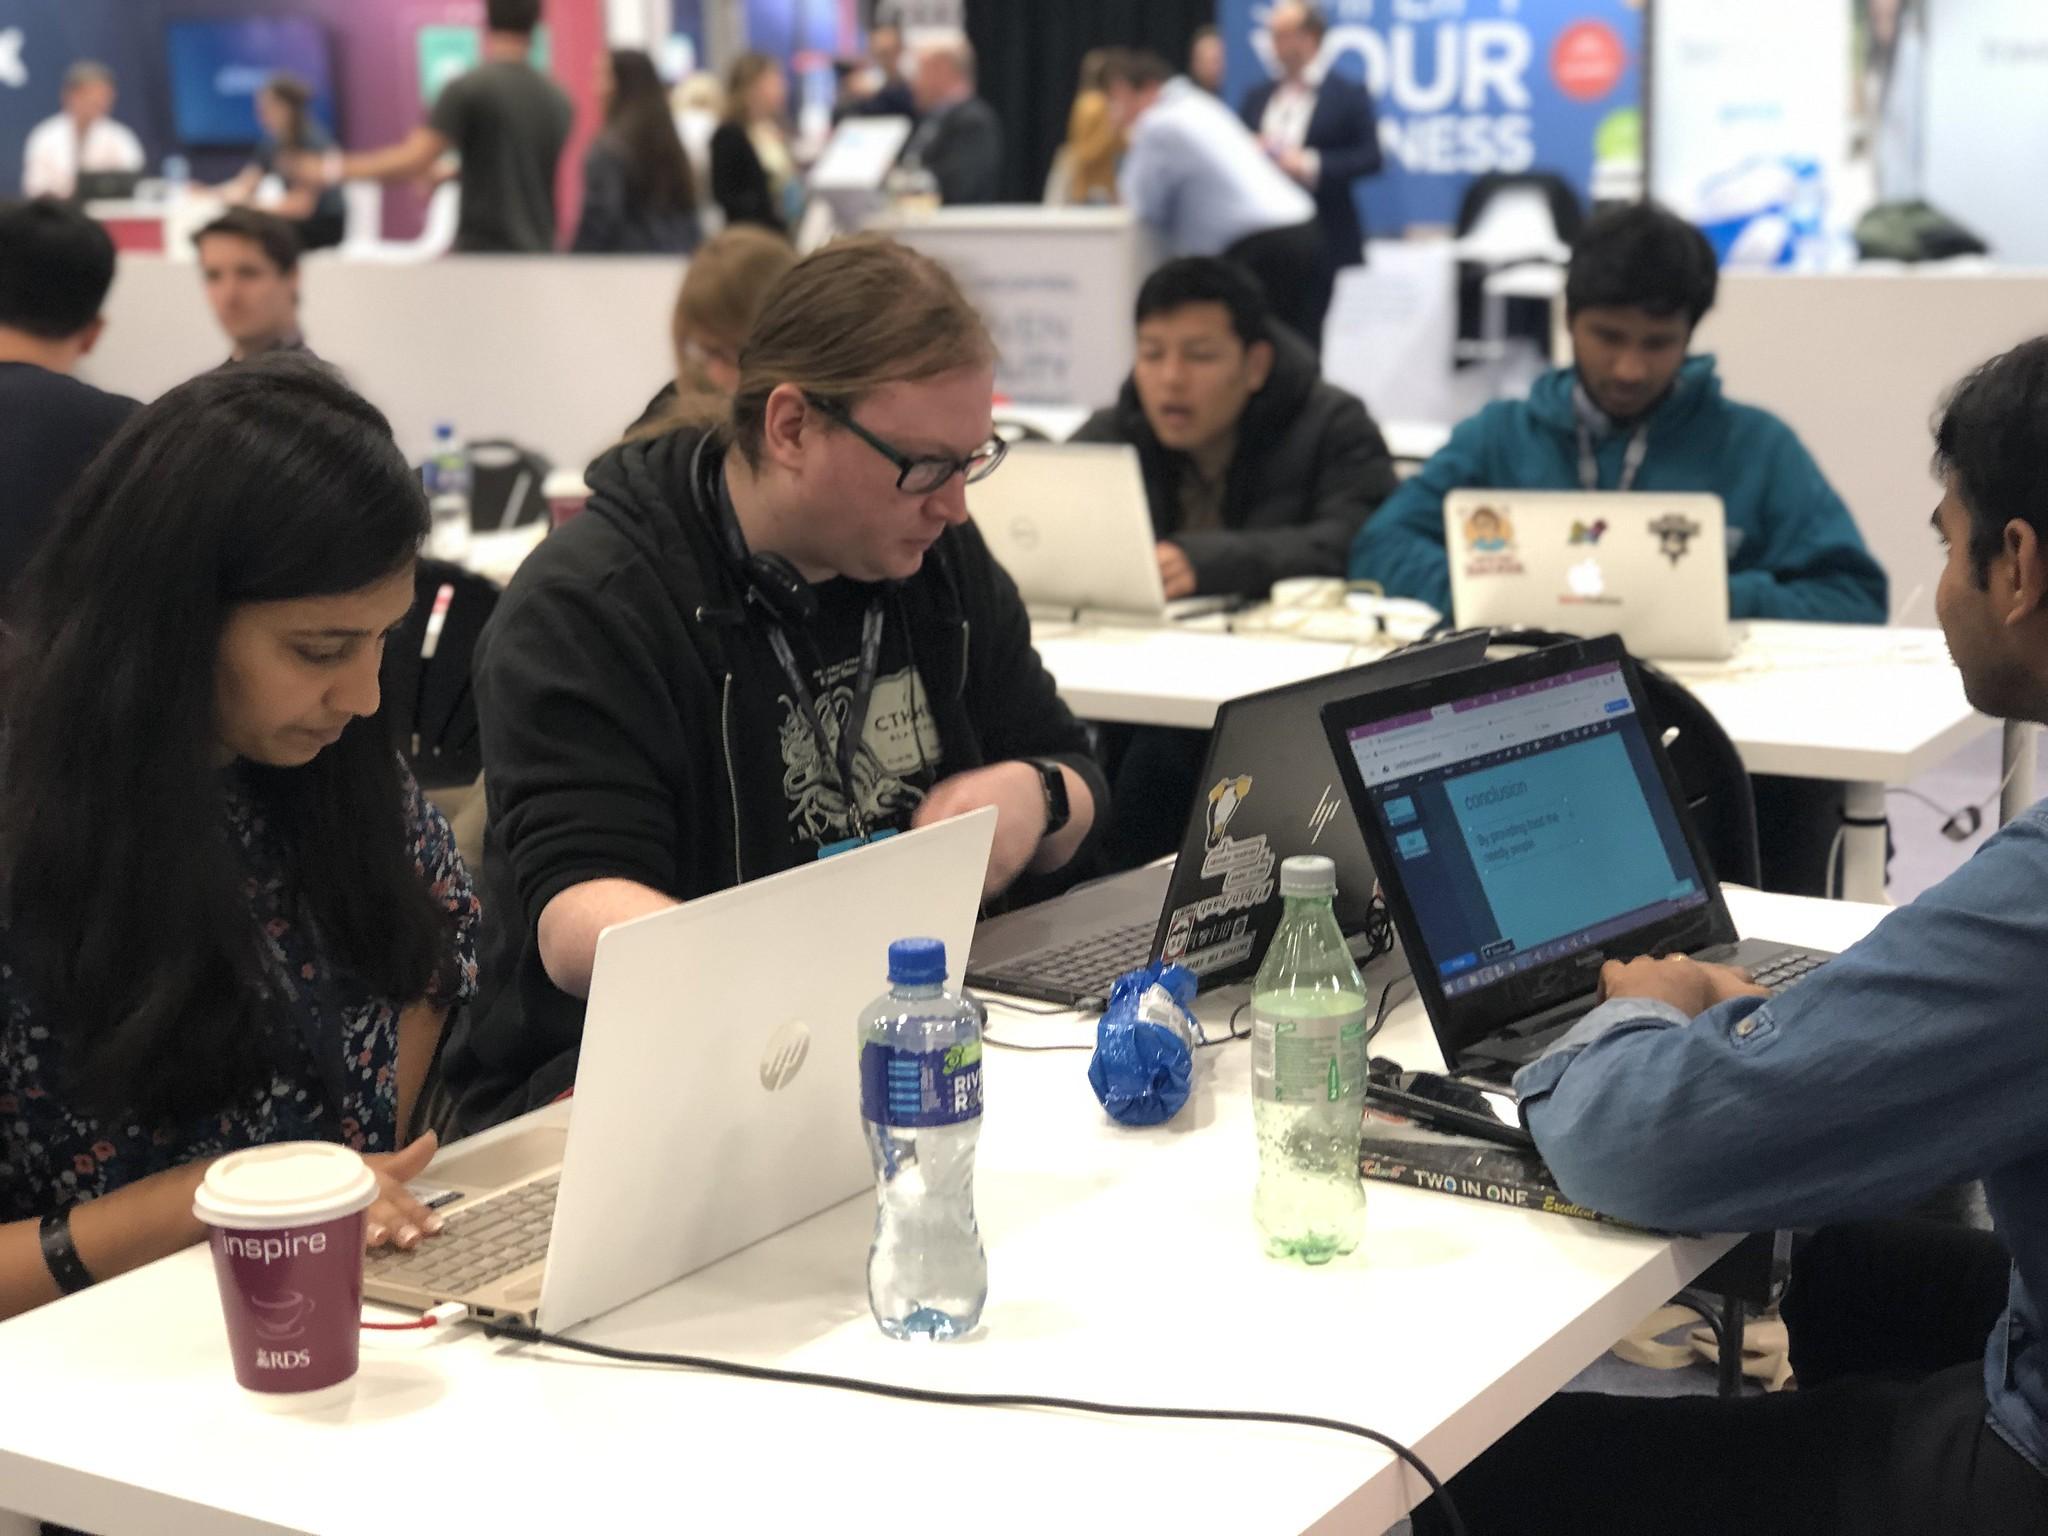 Participants at the Jobbio Codefest hackathon